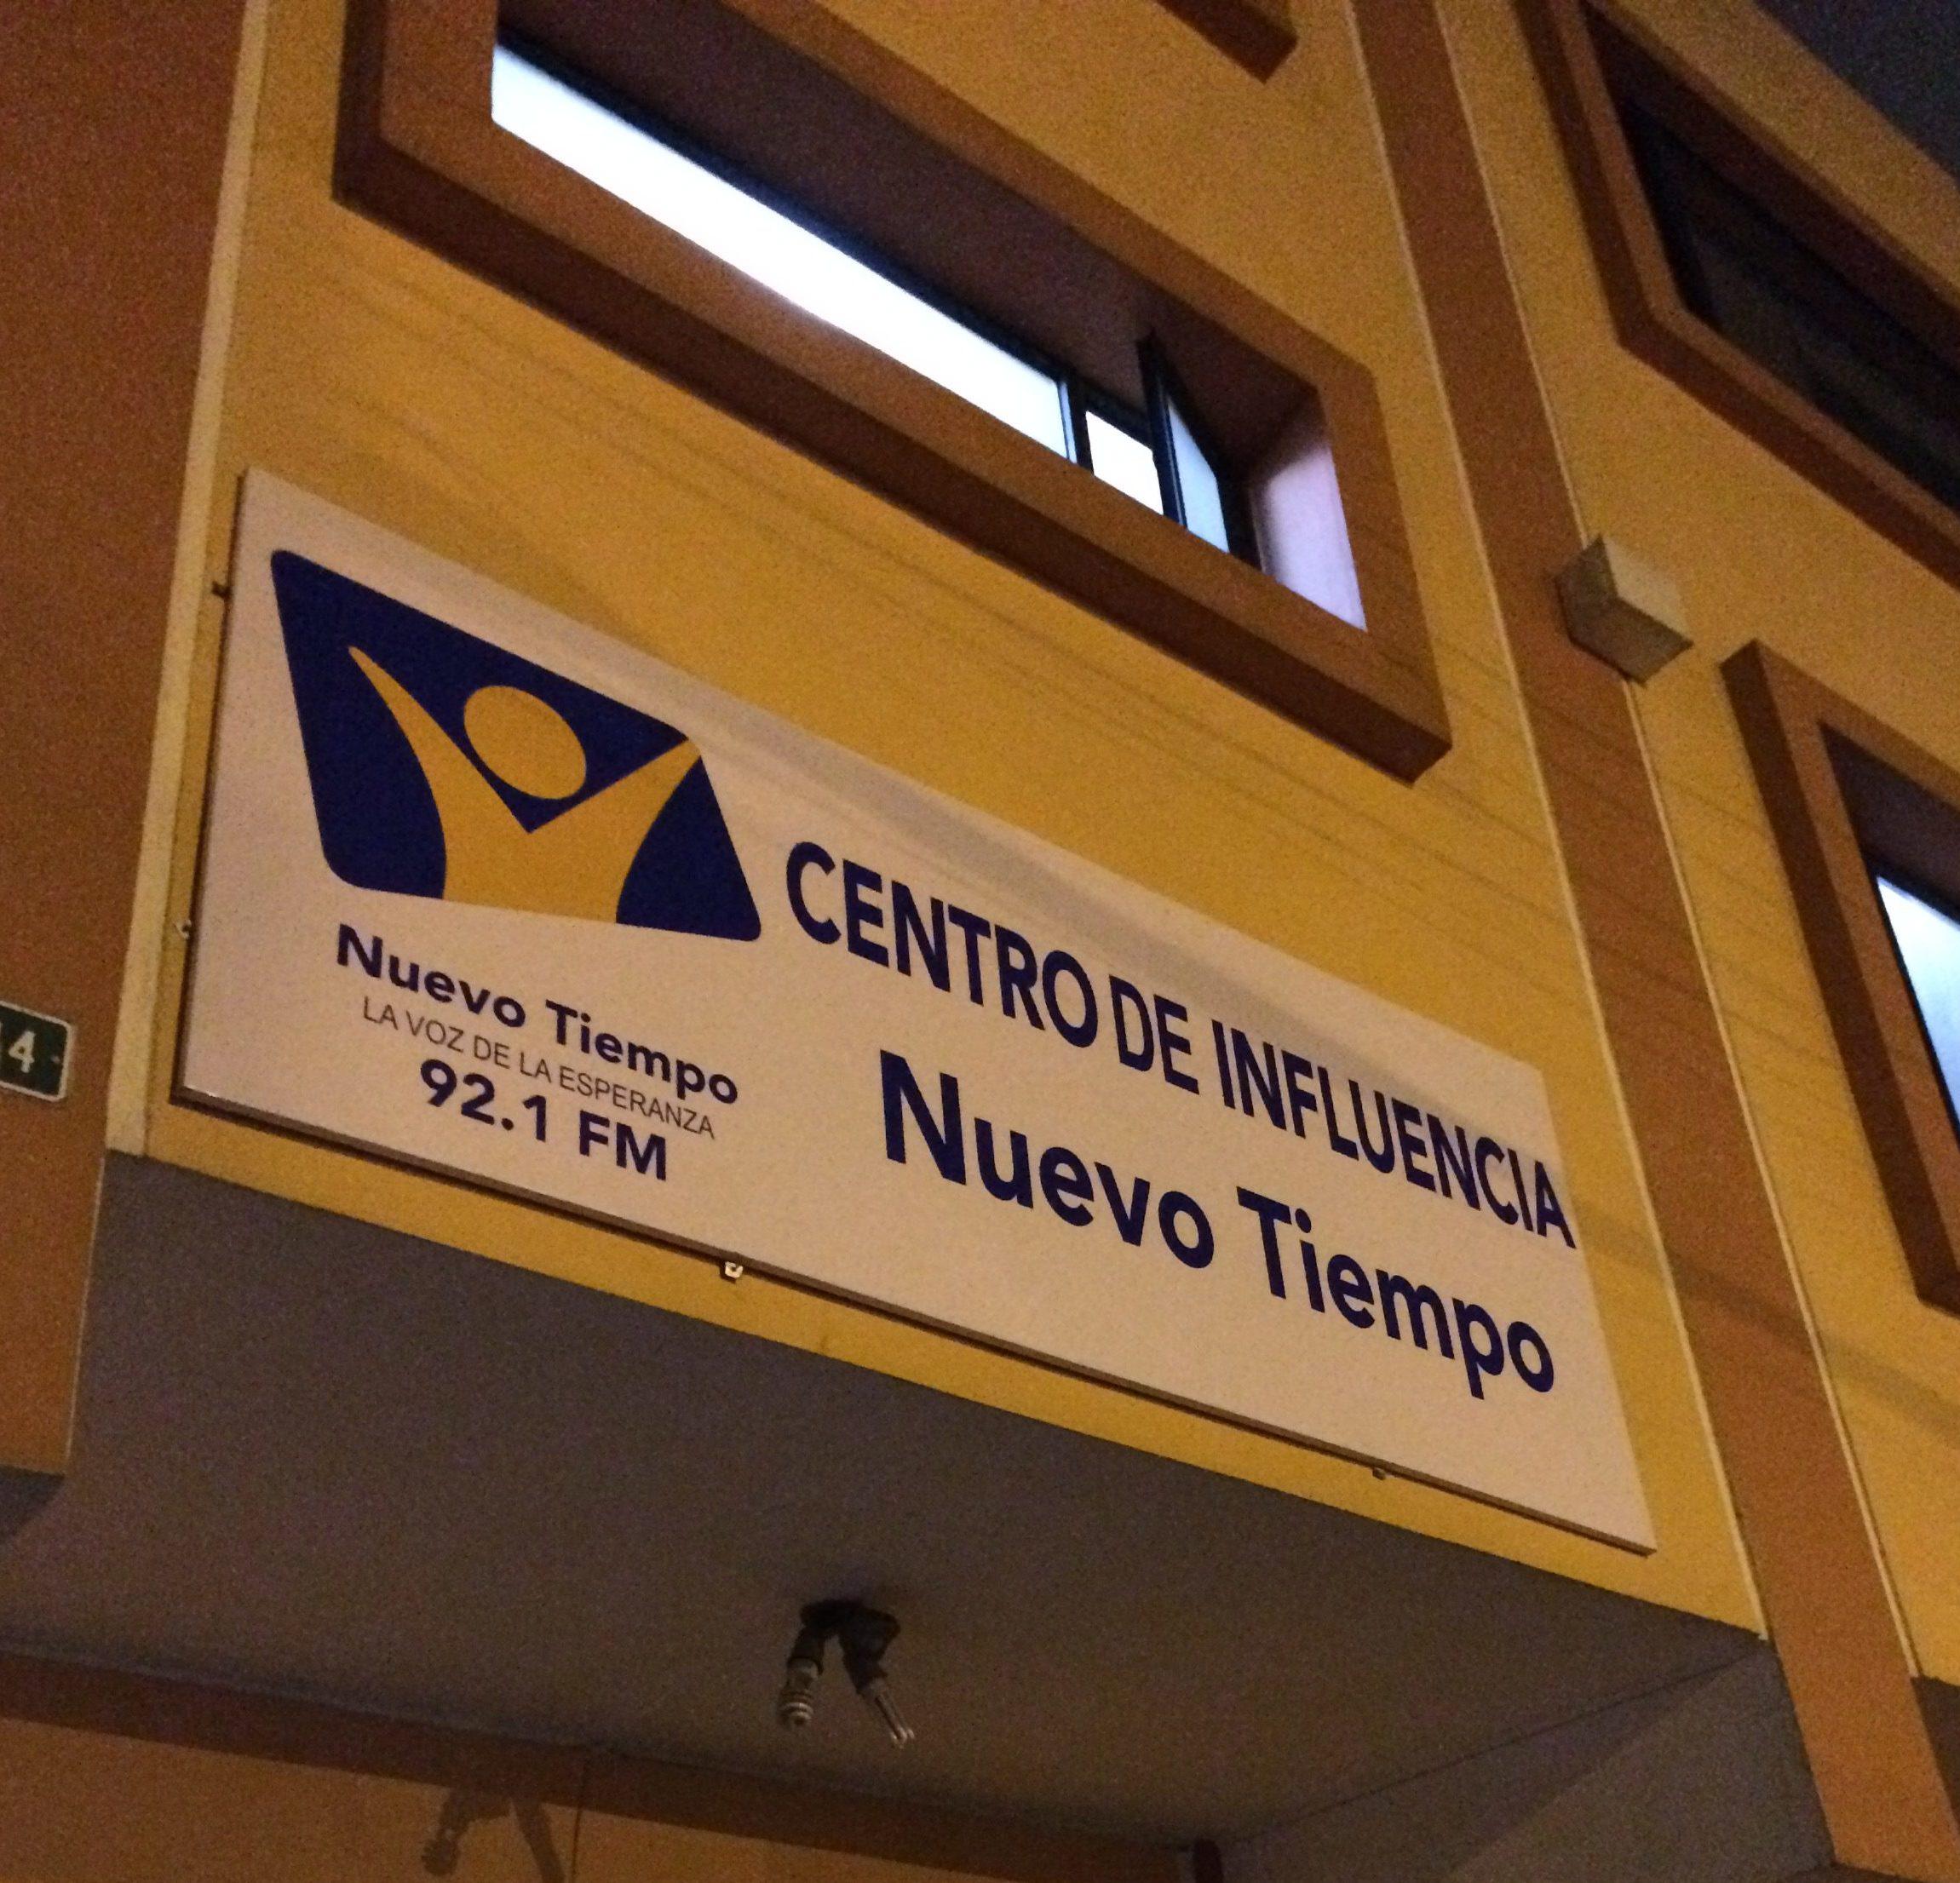 Centro de Influencia NT ubicado en el corazón del norte de Quito